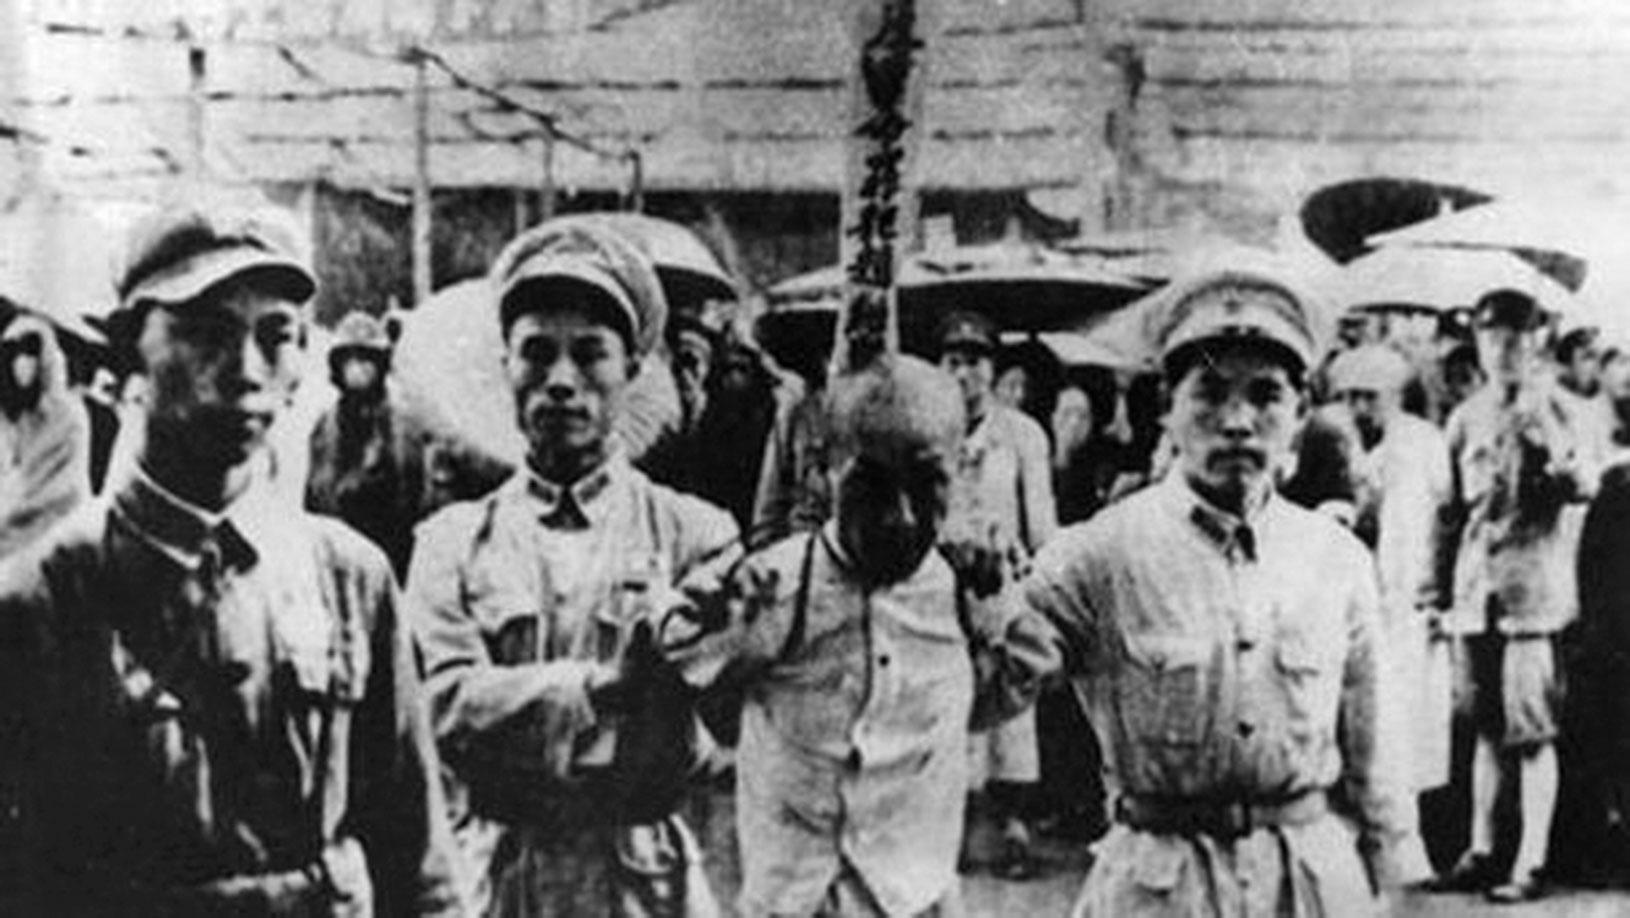 喊錯口號招來對根本就不存在的「社會民主黨」的濫抓濫殺的肅反狂潮中,就有超過6,350餘名中共黨政軍幹部死於非命。(網絡圖片)